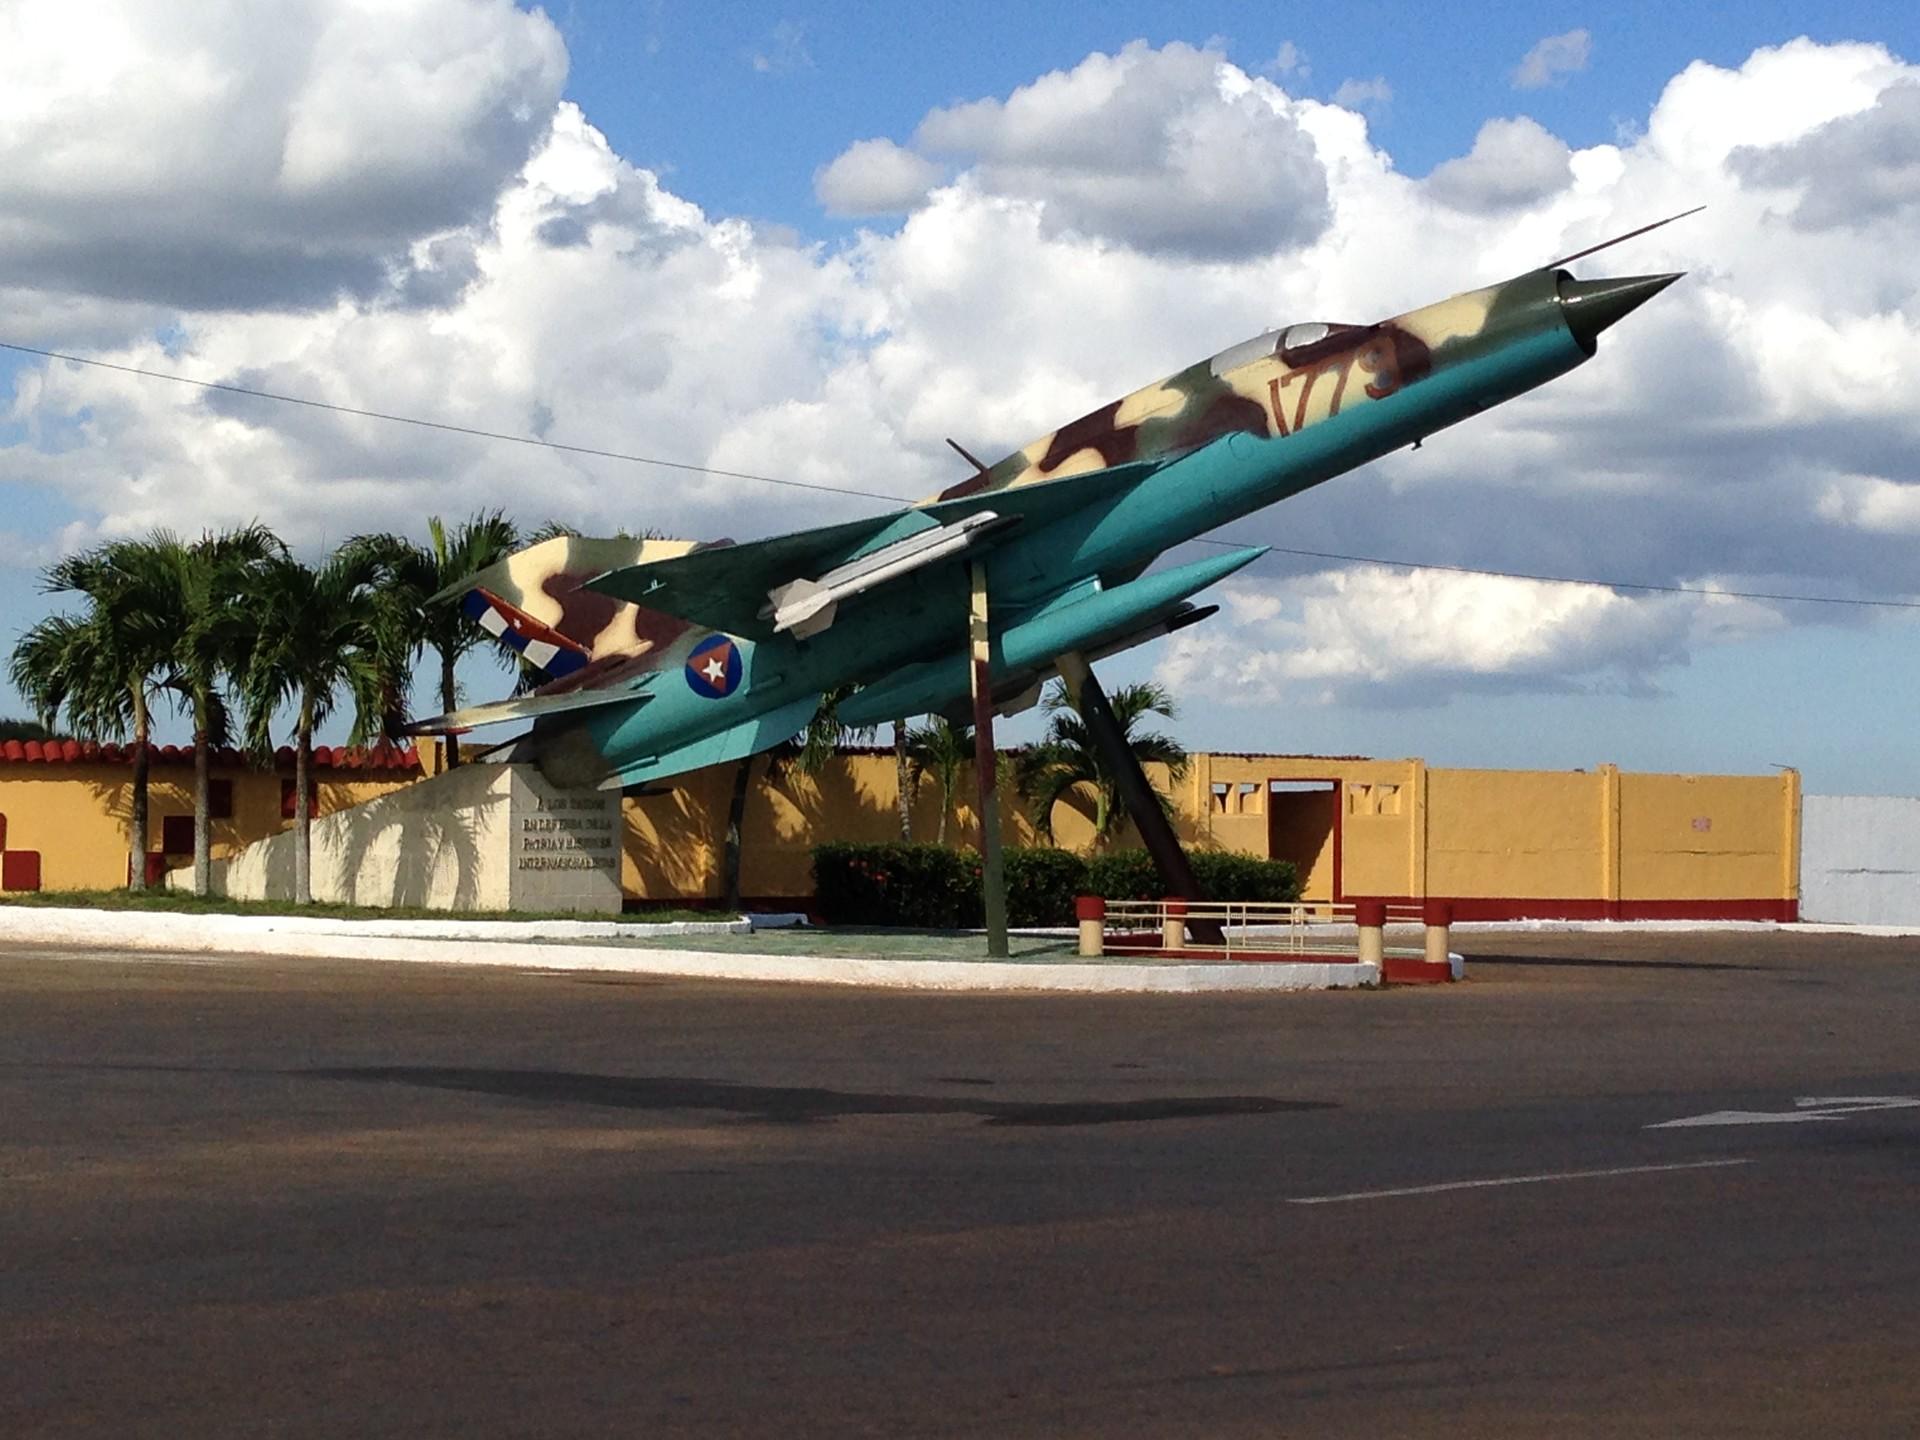 MiG-21.